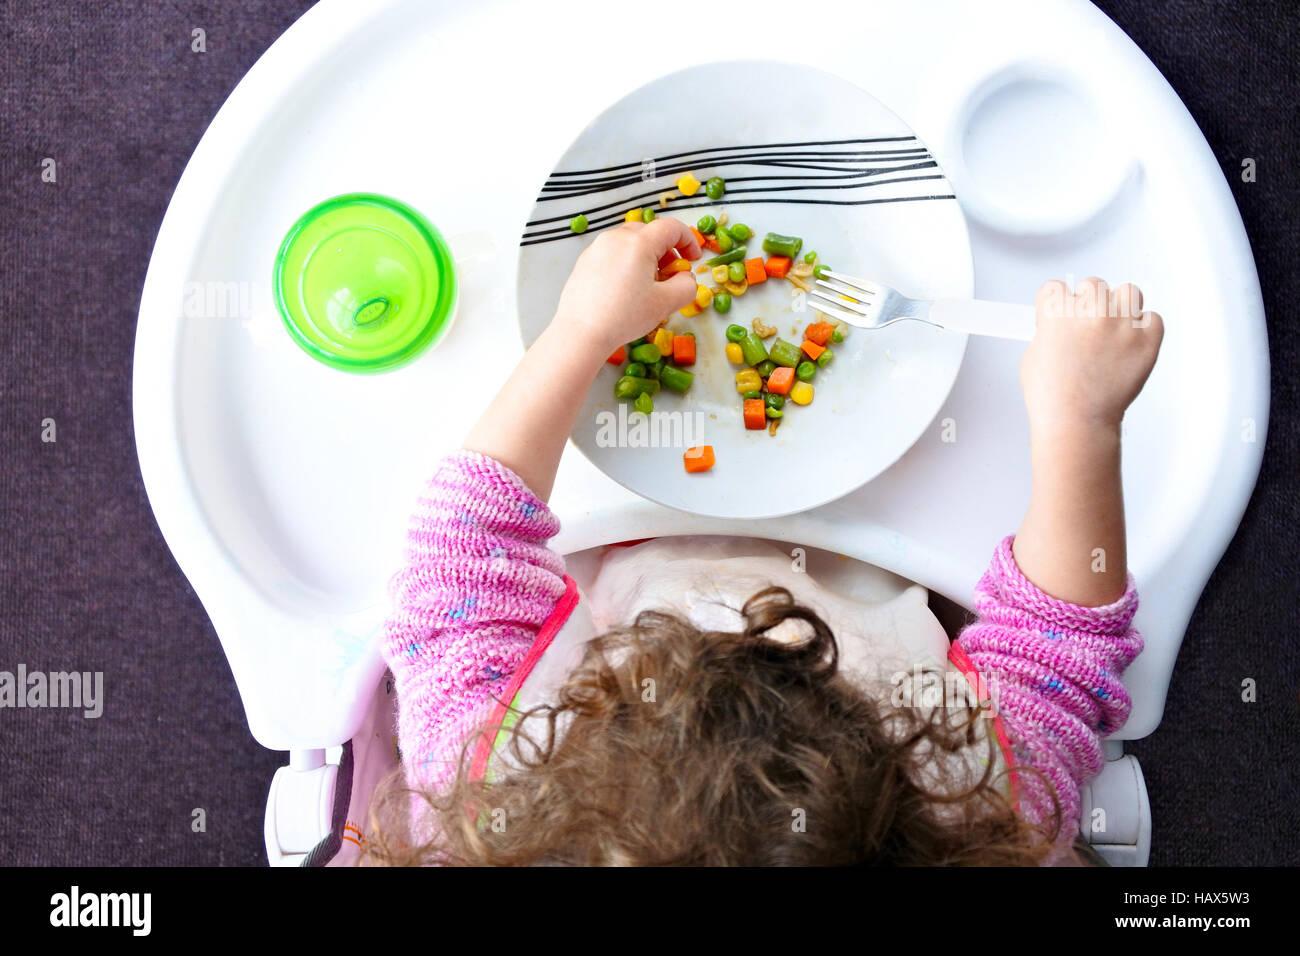 Vista anterior de un pequeño niño niño come verduras. La infancia y la salud infantil, concepto de Imagen De Stock